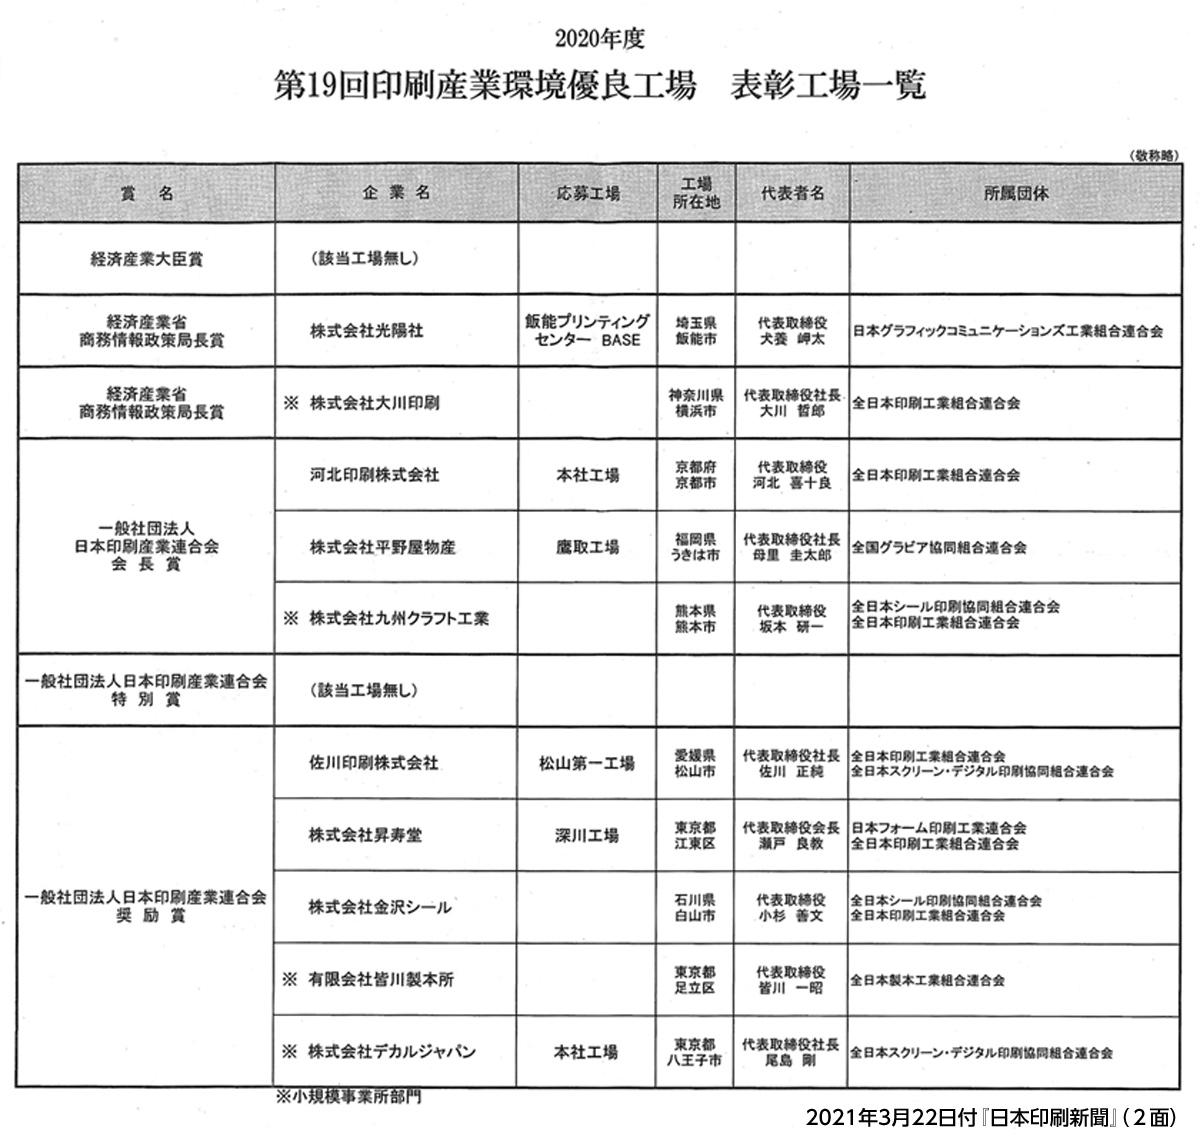 2021年3月22日付『日本印刷新聞』(2面)2020年度・第19回印刷産業環境優良工場 表彰工場一覧